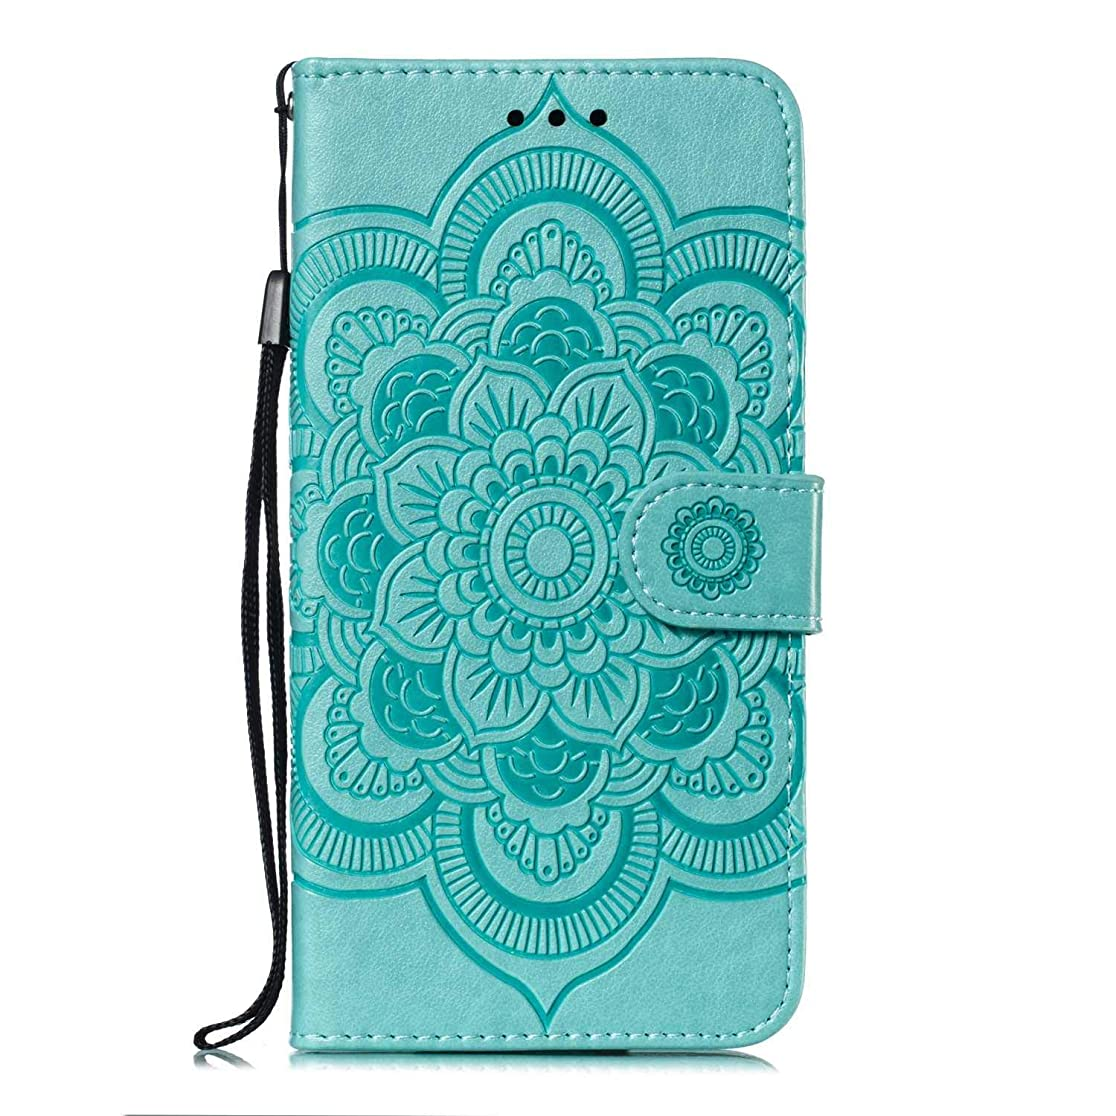 ラフレシアアルノルディレパートリークロスZeebox? Galaxy S9 Plus ケース, 高級感PUレザー 薄型 財布型カバー, 人気 マンダラの花のエンボス加工 カバー, 耐汚れ 耐摩擦 耐衝撃 手帳 ケース 付きスタンド機能 カード収納付 Galaxy S9 Plus 用 Case Cover, 緑